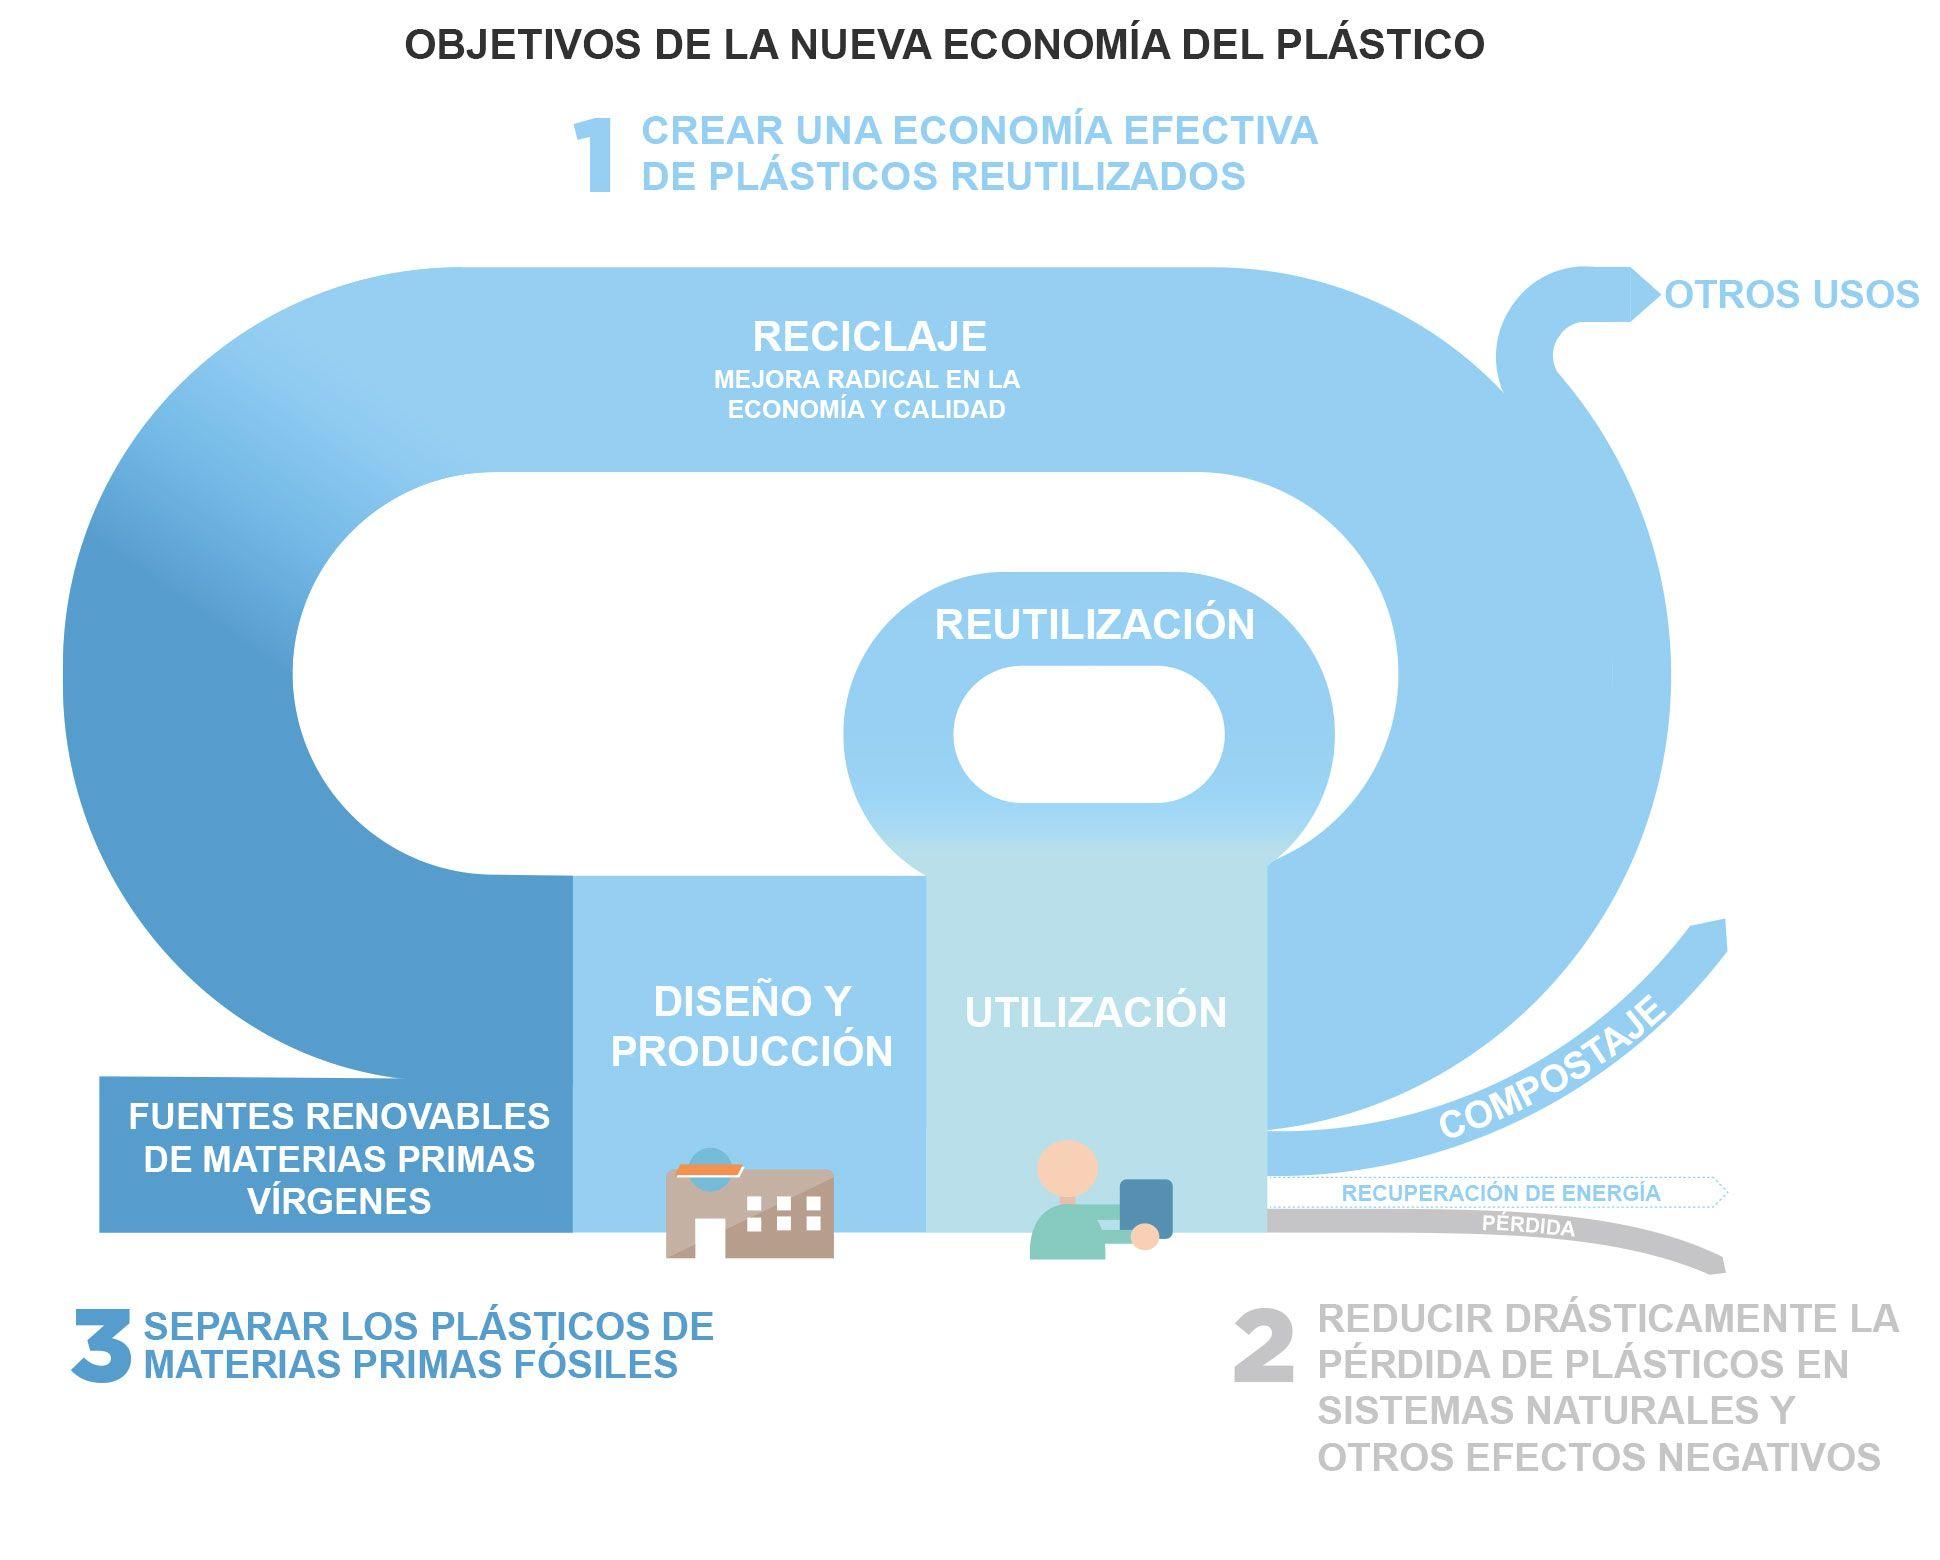 Ellen McArthur y la economía del plástico